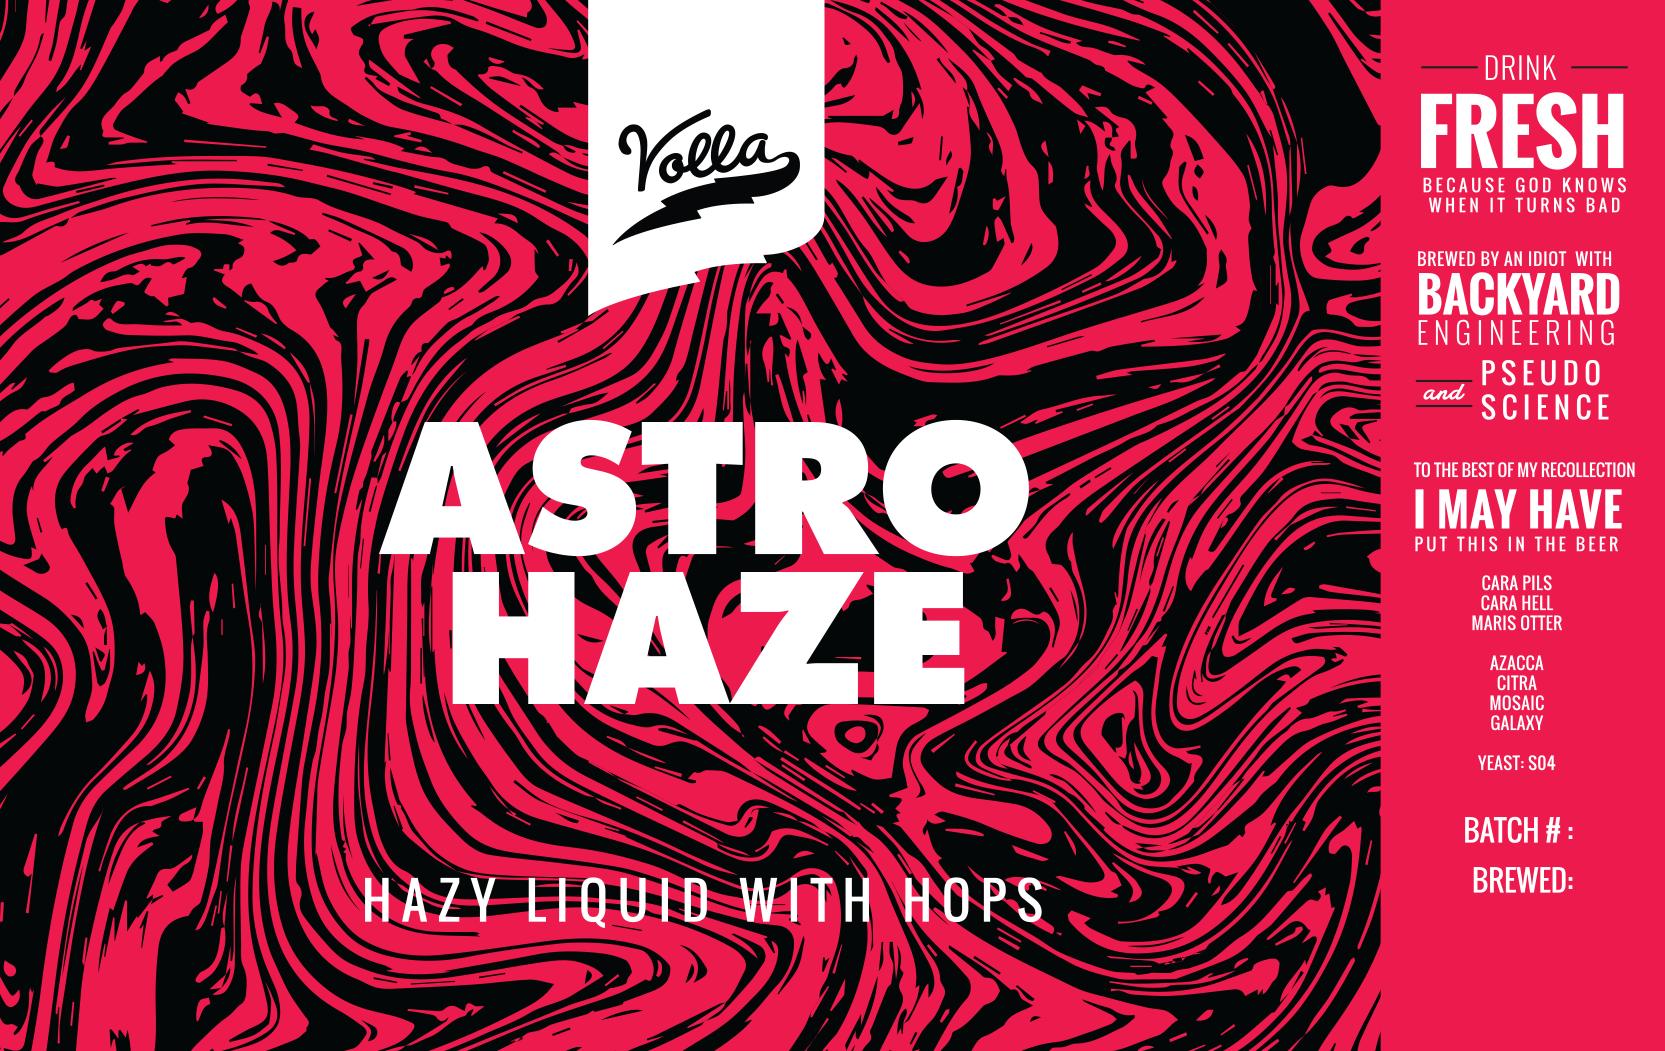 Astro Haze